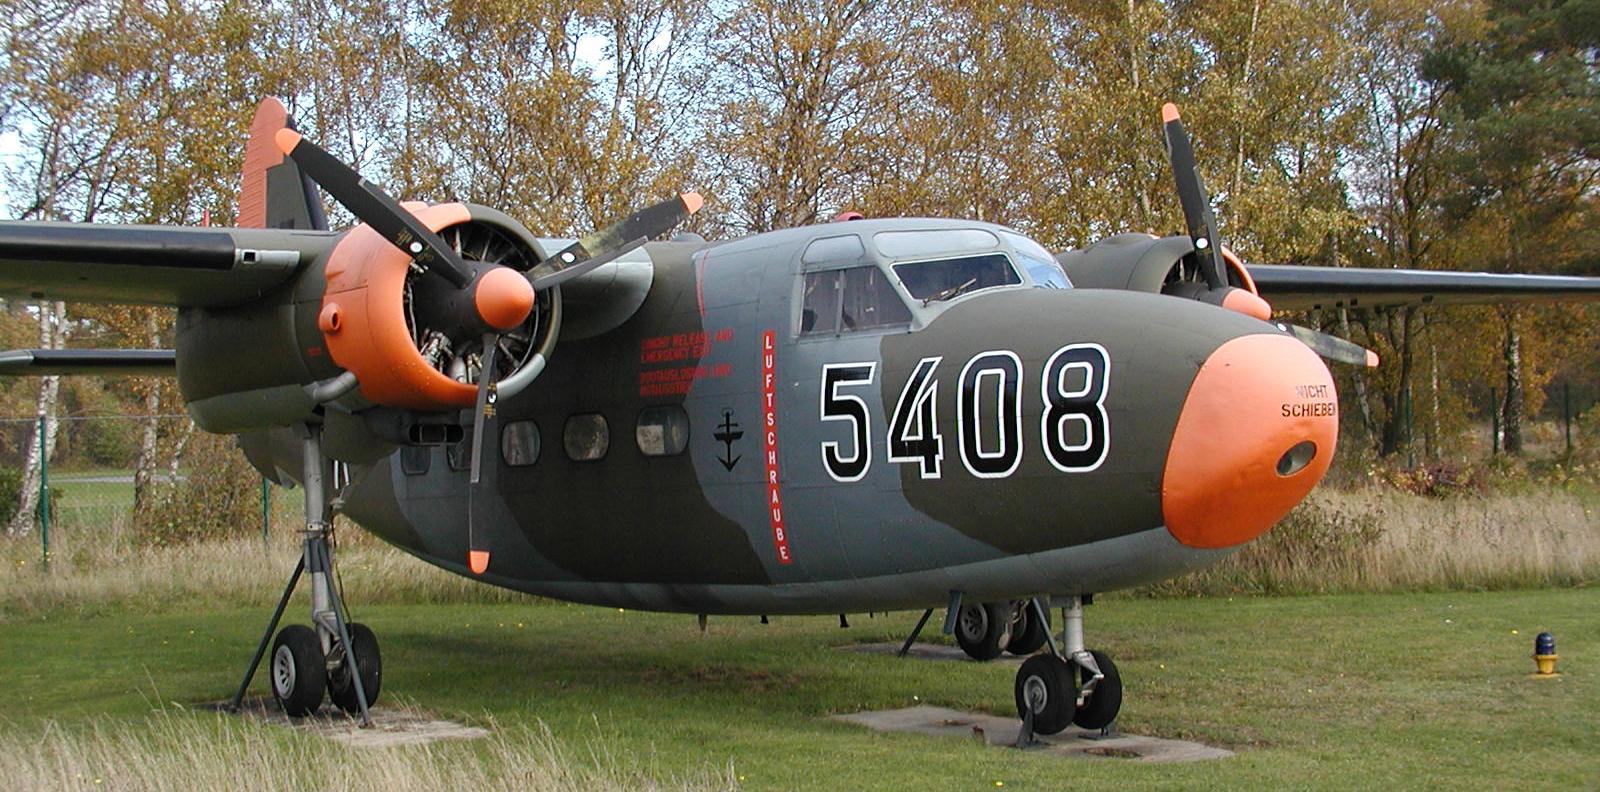 Bild Aeronauticum Nordholz